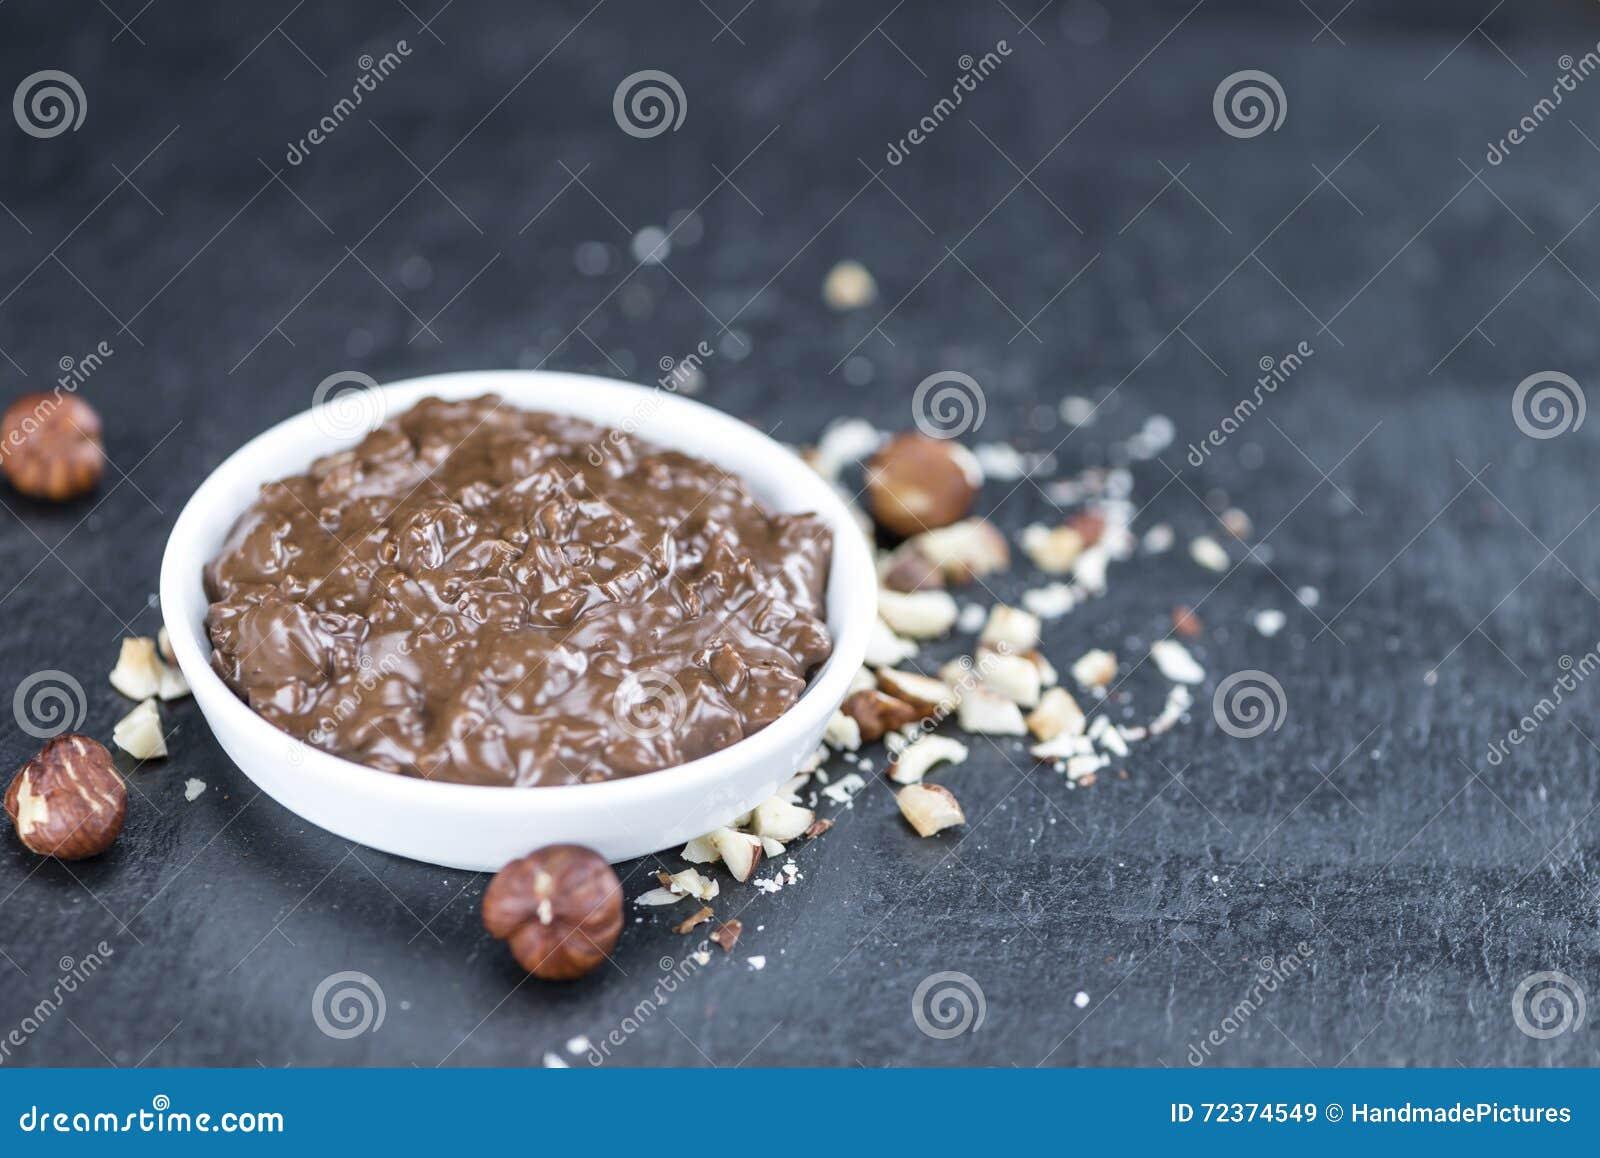 提名与巧克力奶油的部分的平板